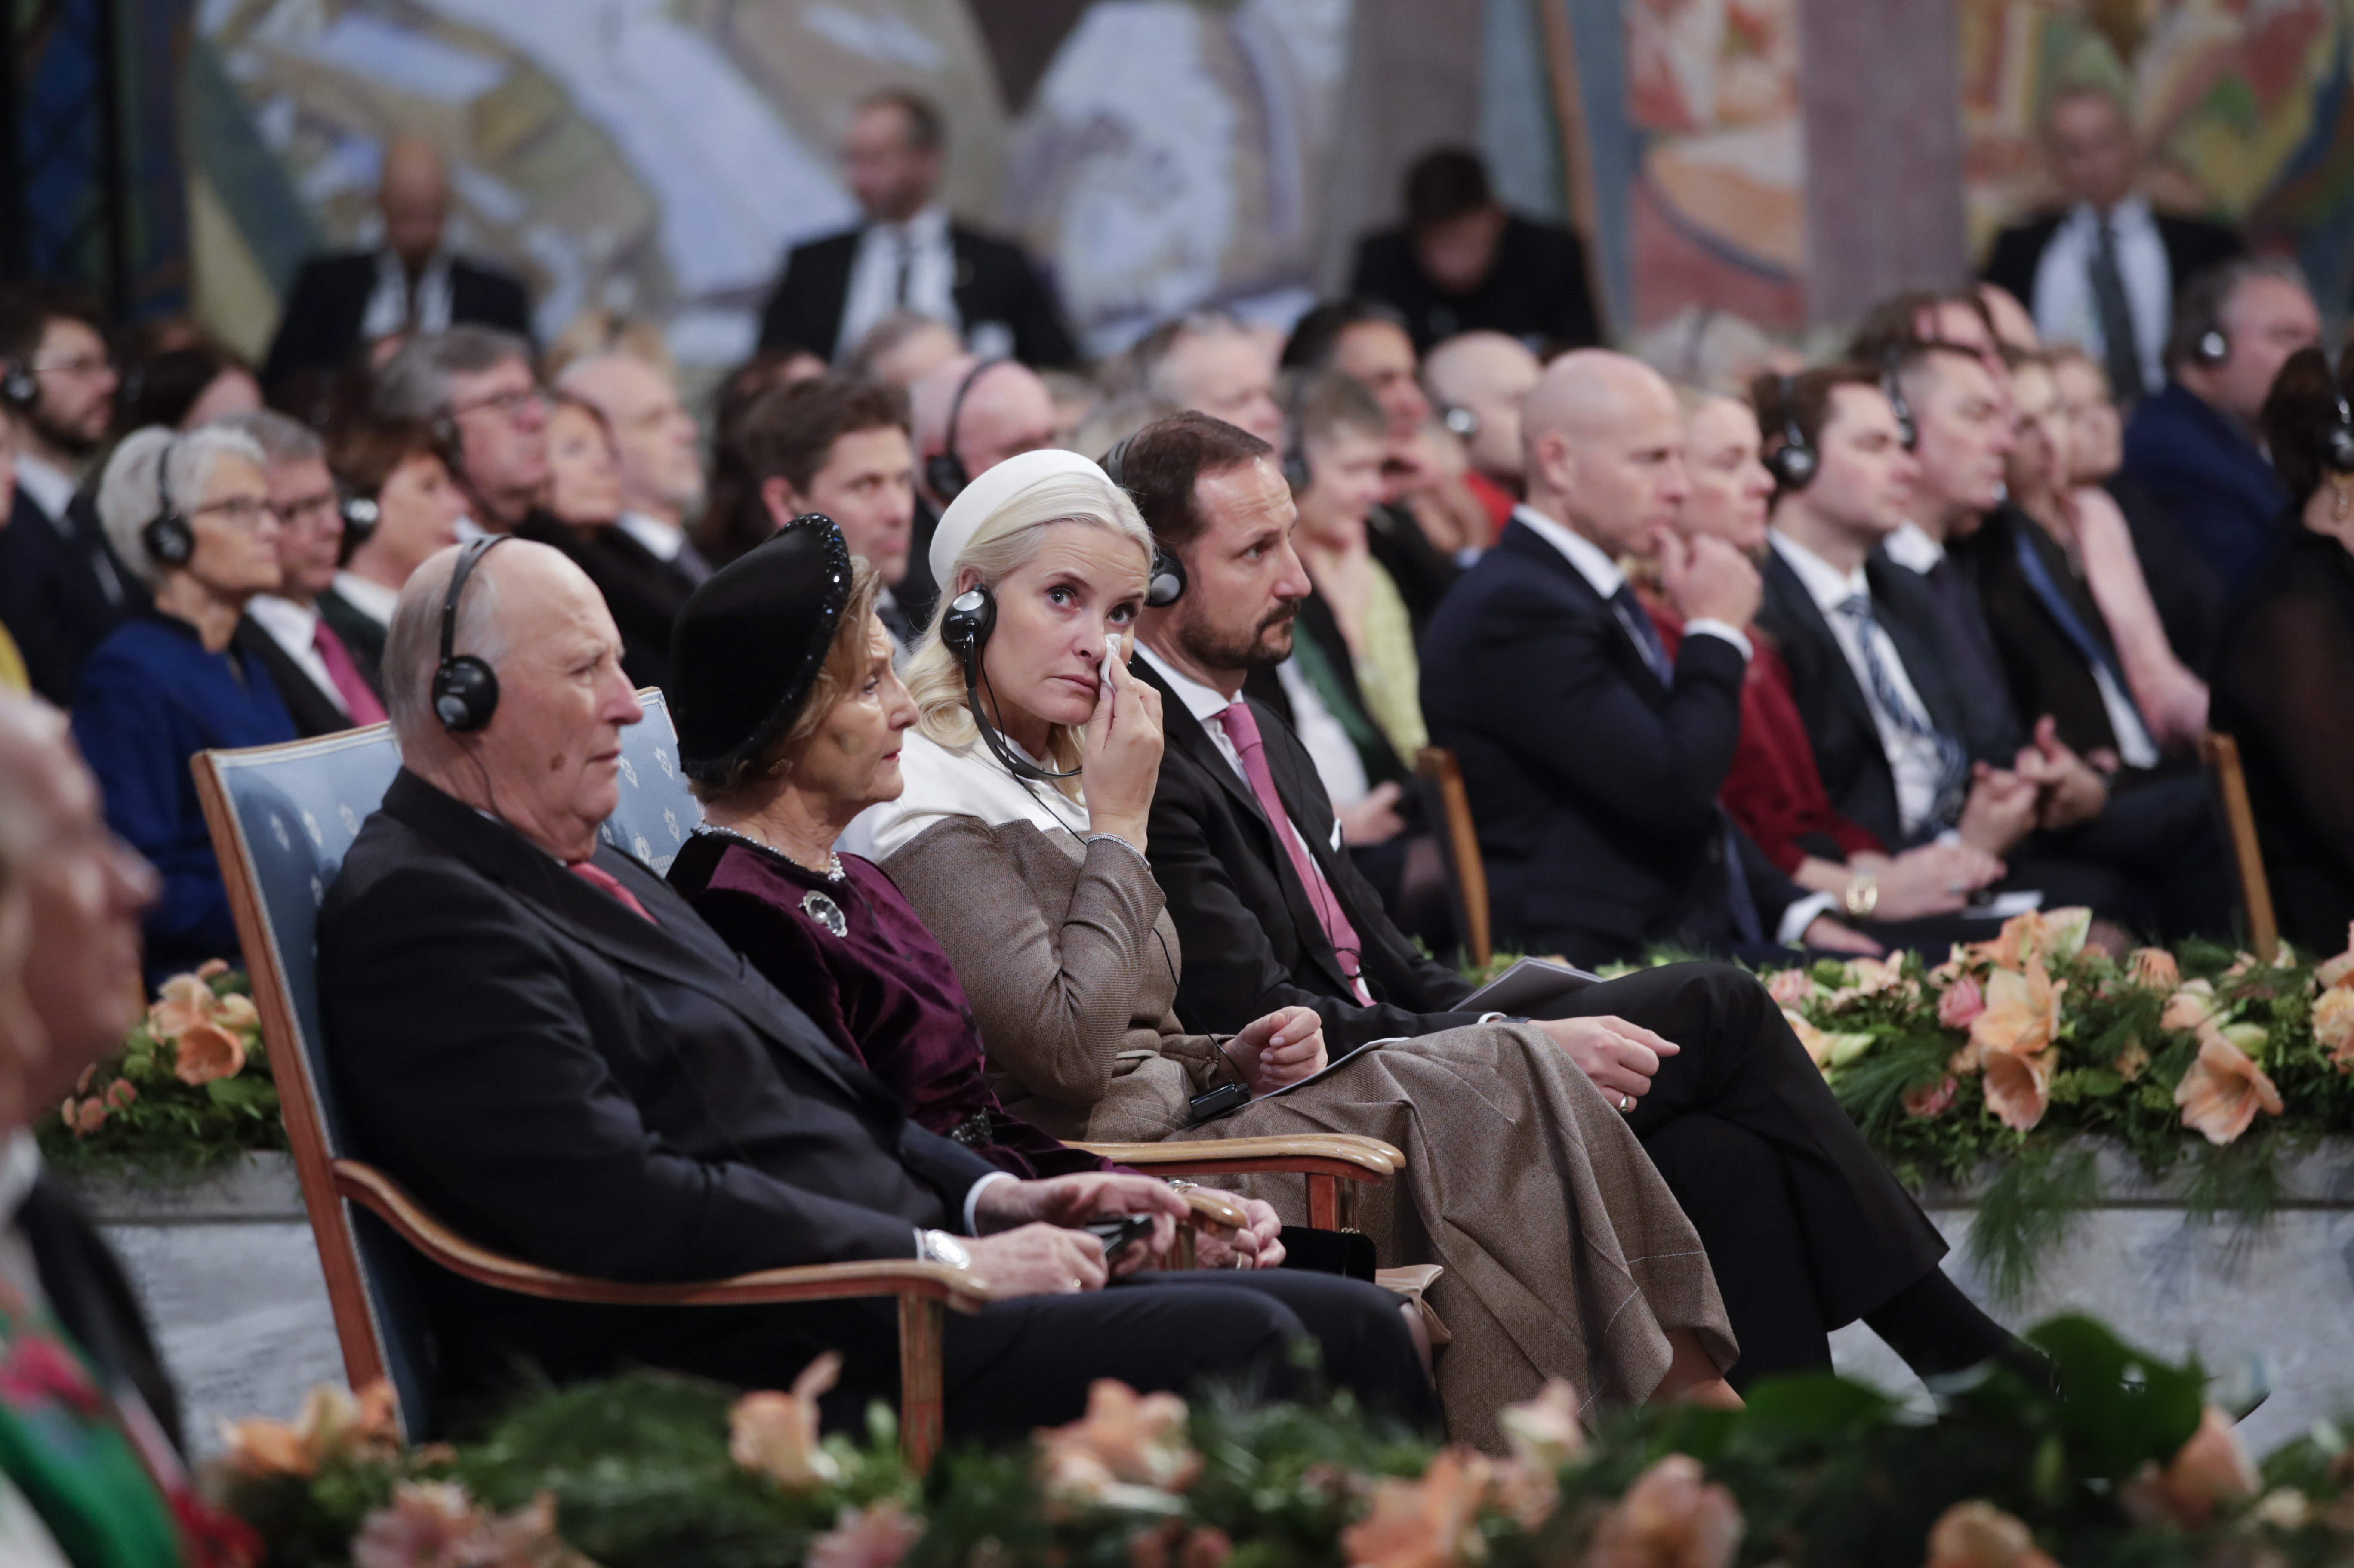 أميرة النرويج ميت باريت تبكي خلال إلقاء ناديا مراد لخطابها في حفل جوائز نوبل